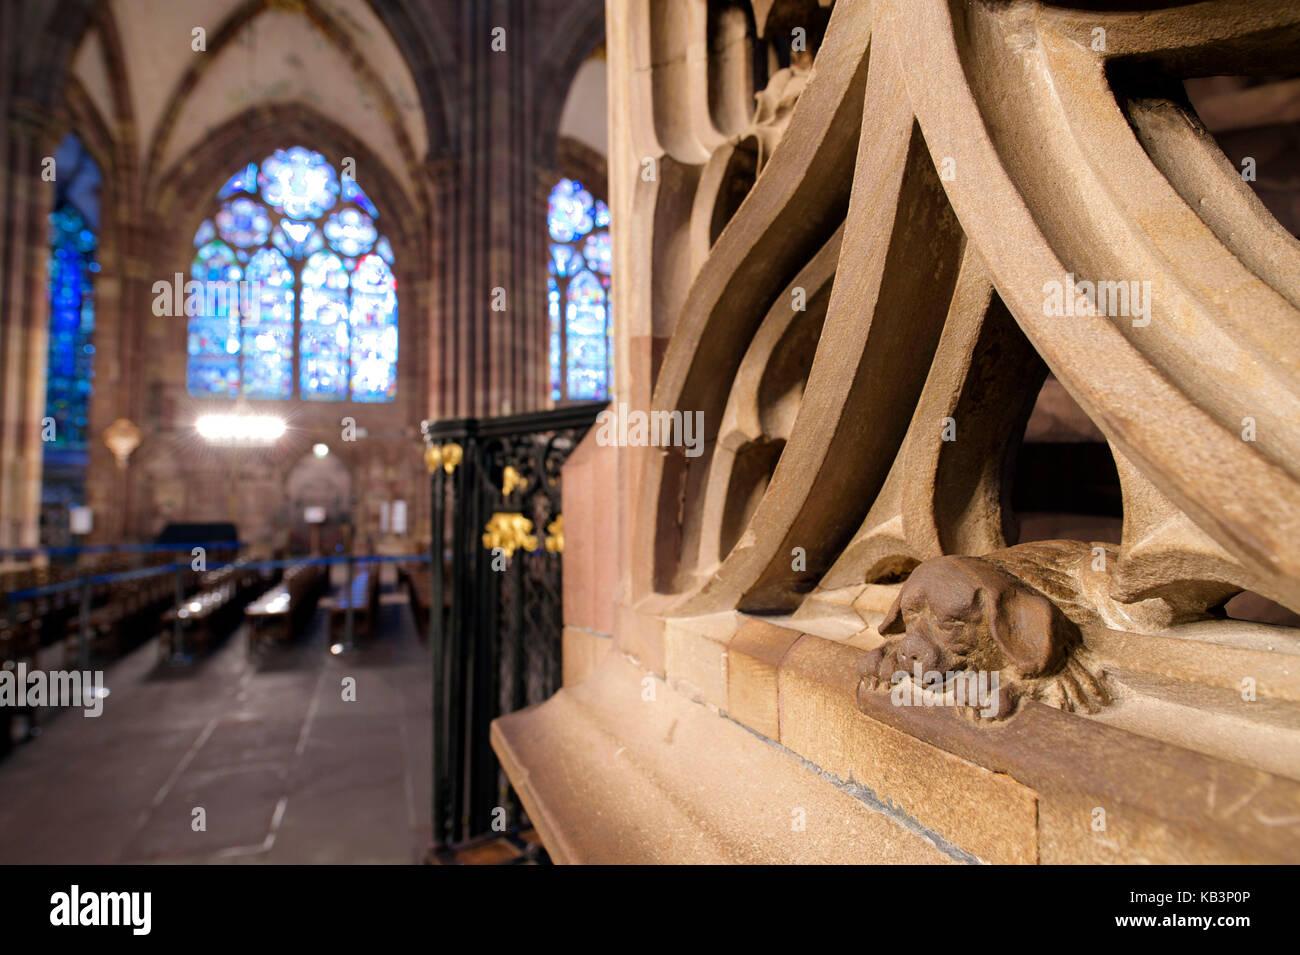 La France, Bas Rhin, Strasbourg, vieille ville classée au patrimoine mondial de l'unesco, la cathédrale Photo Stock